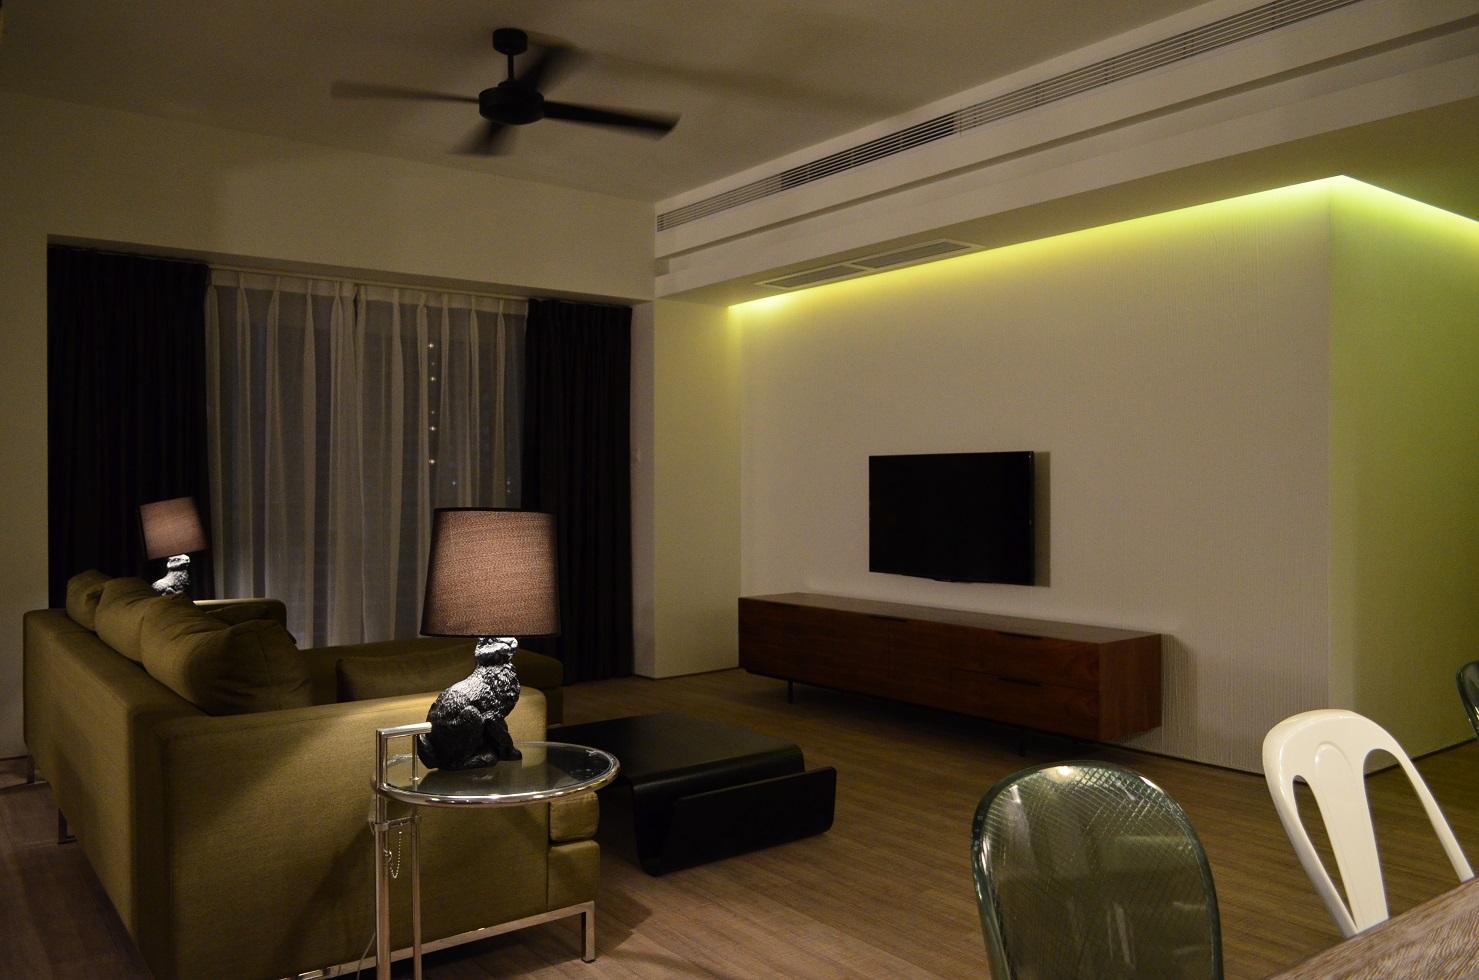 客厅整体是以简约为主,绿色的沙发点缀整体的视觉感